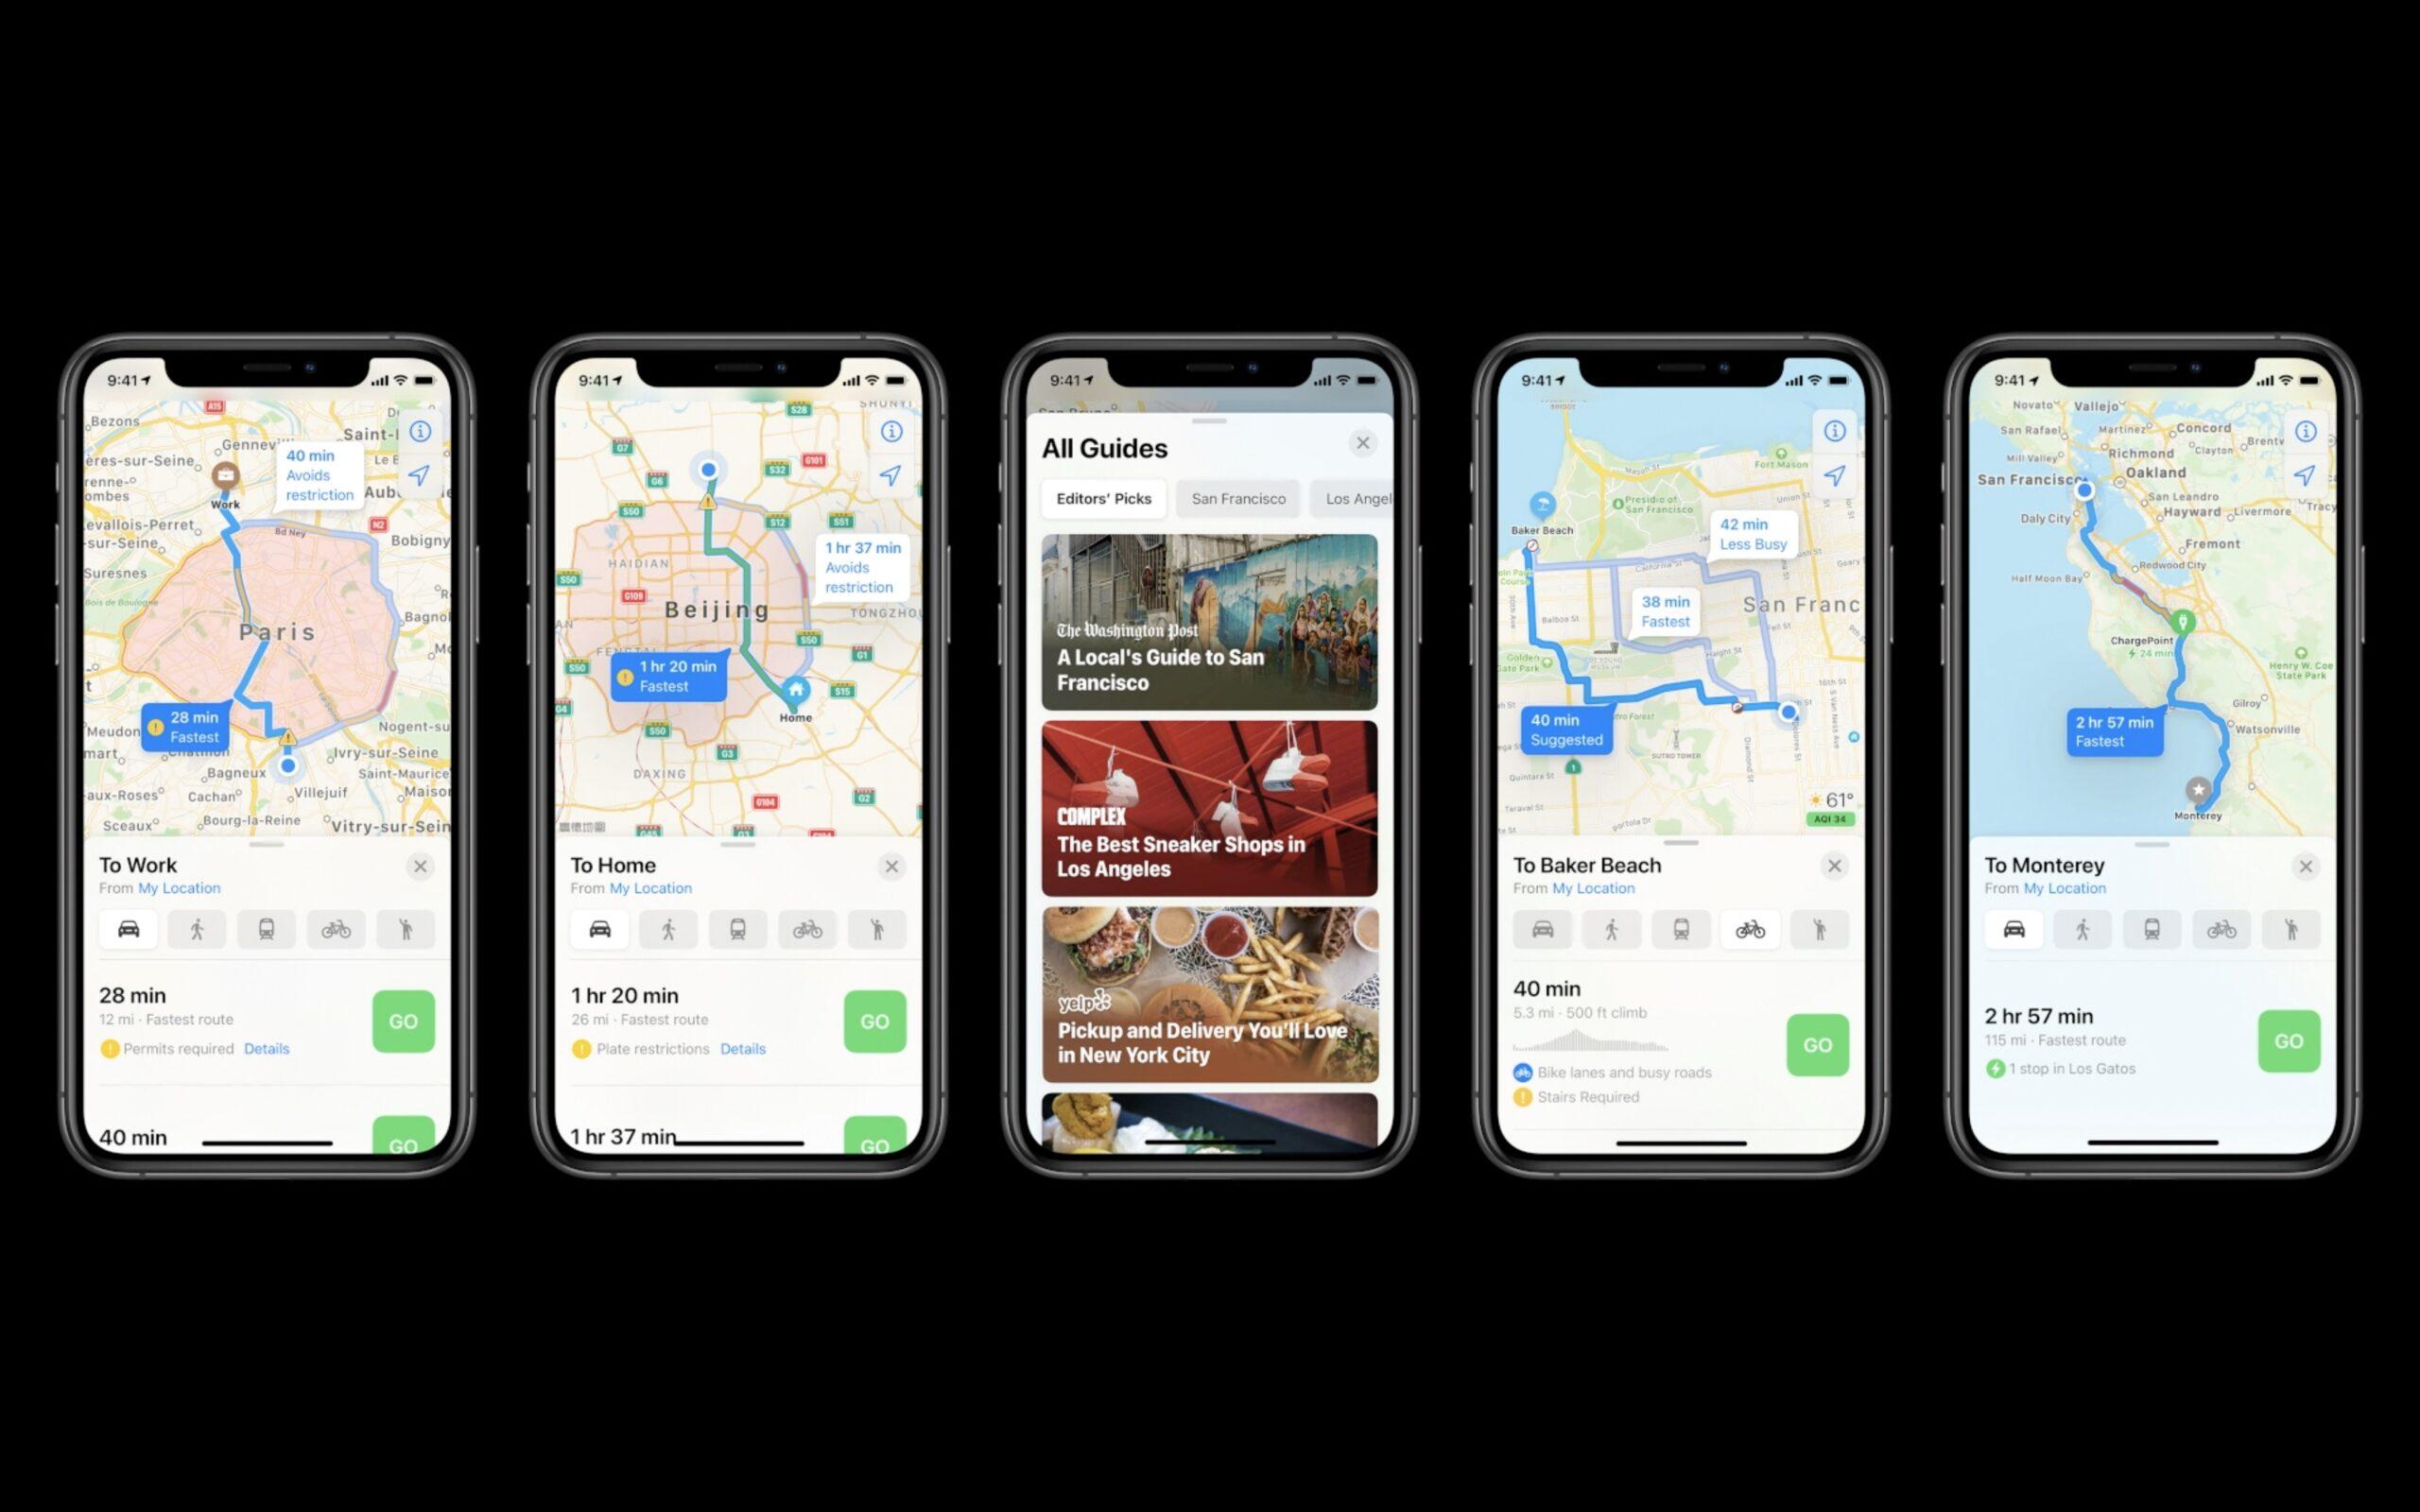 Le novità di Mappe di iOS 14: lettura delle aree a traffico limitato, guide e itinerari ciclistici